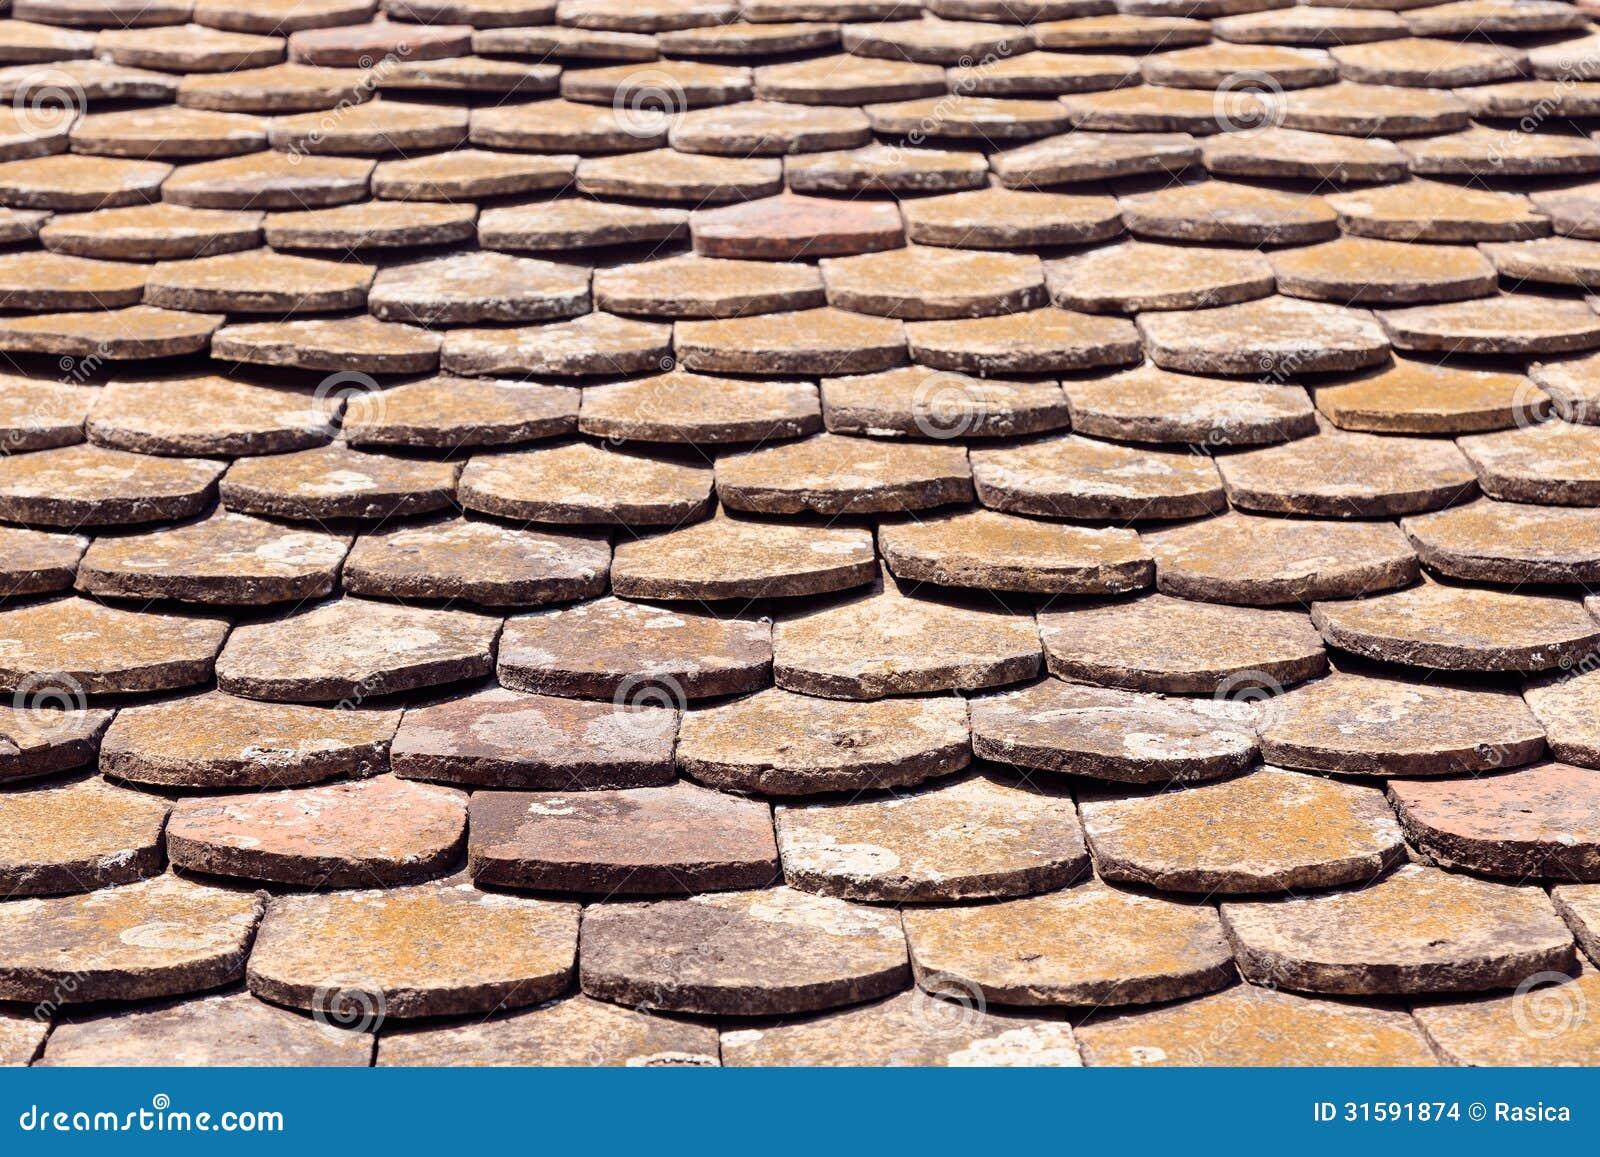 Tile Roof Terracotta Roofing Tiles